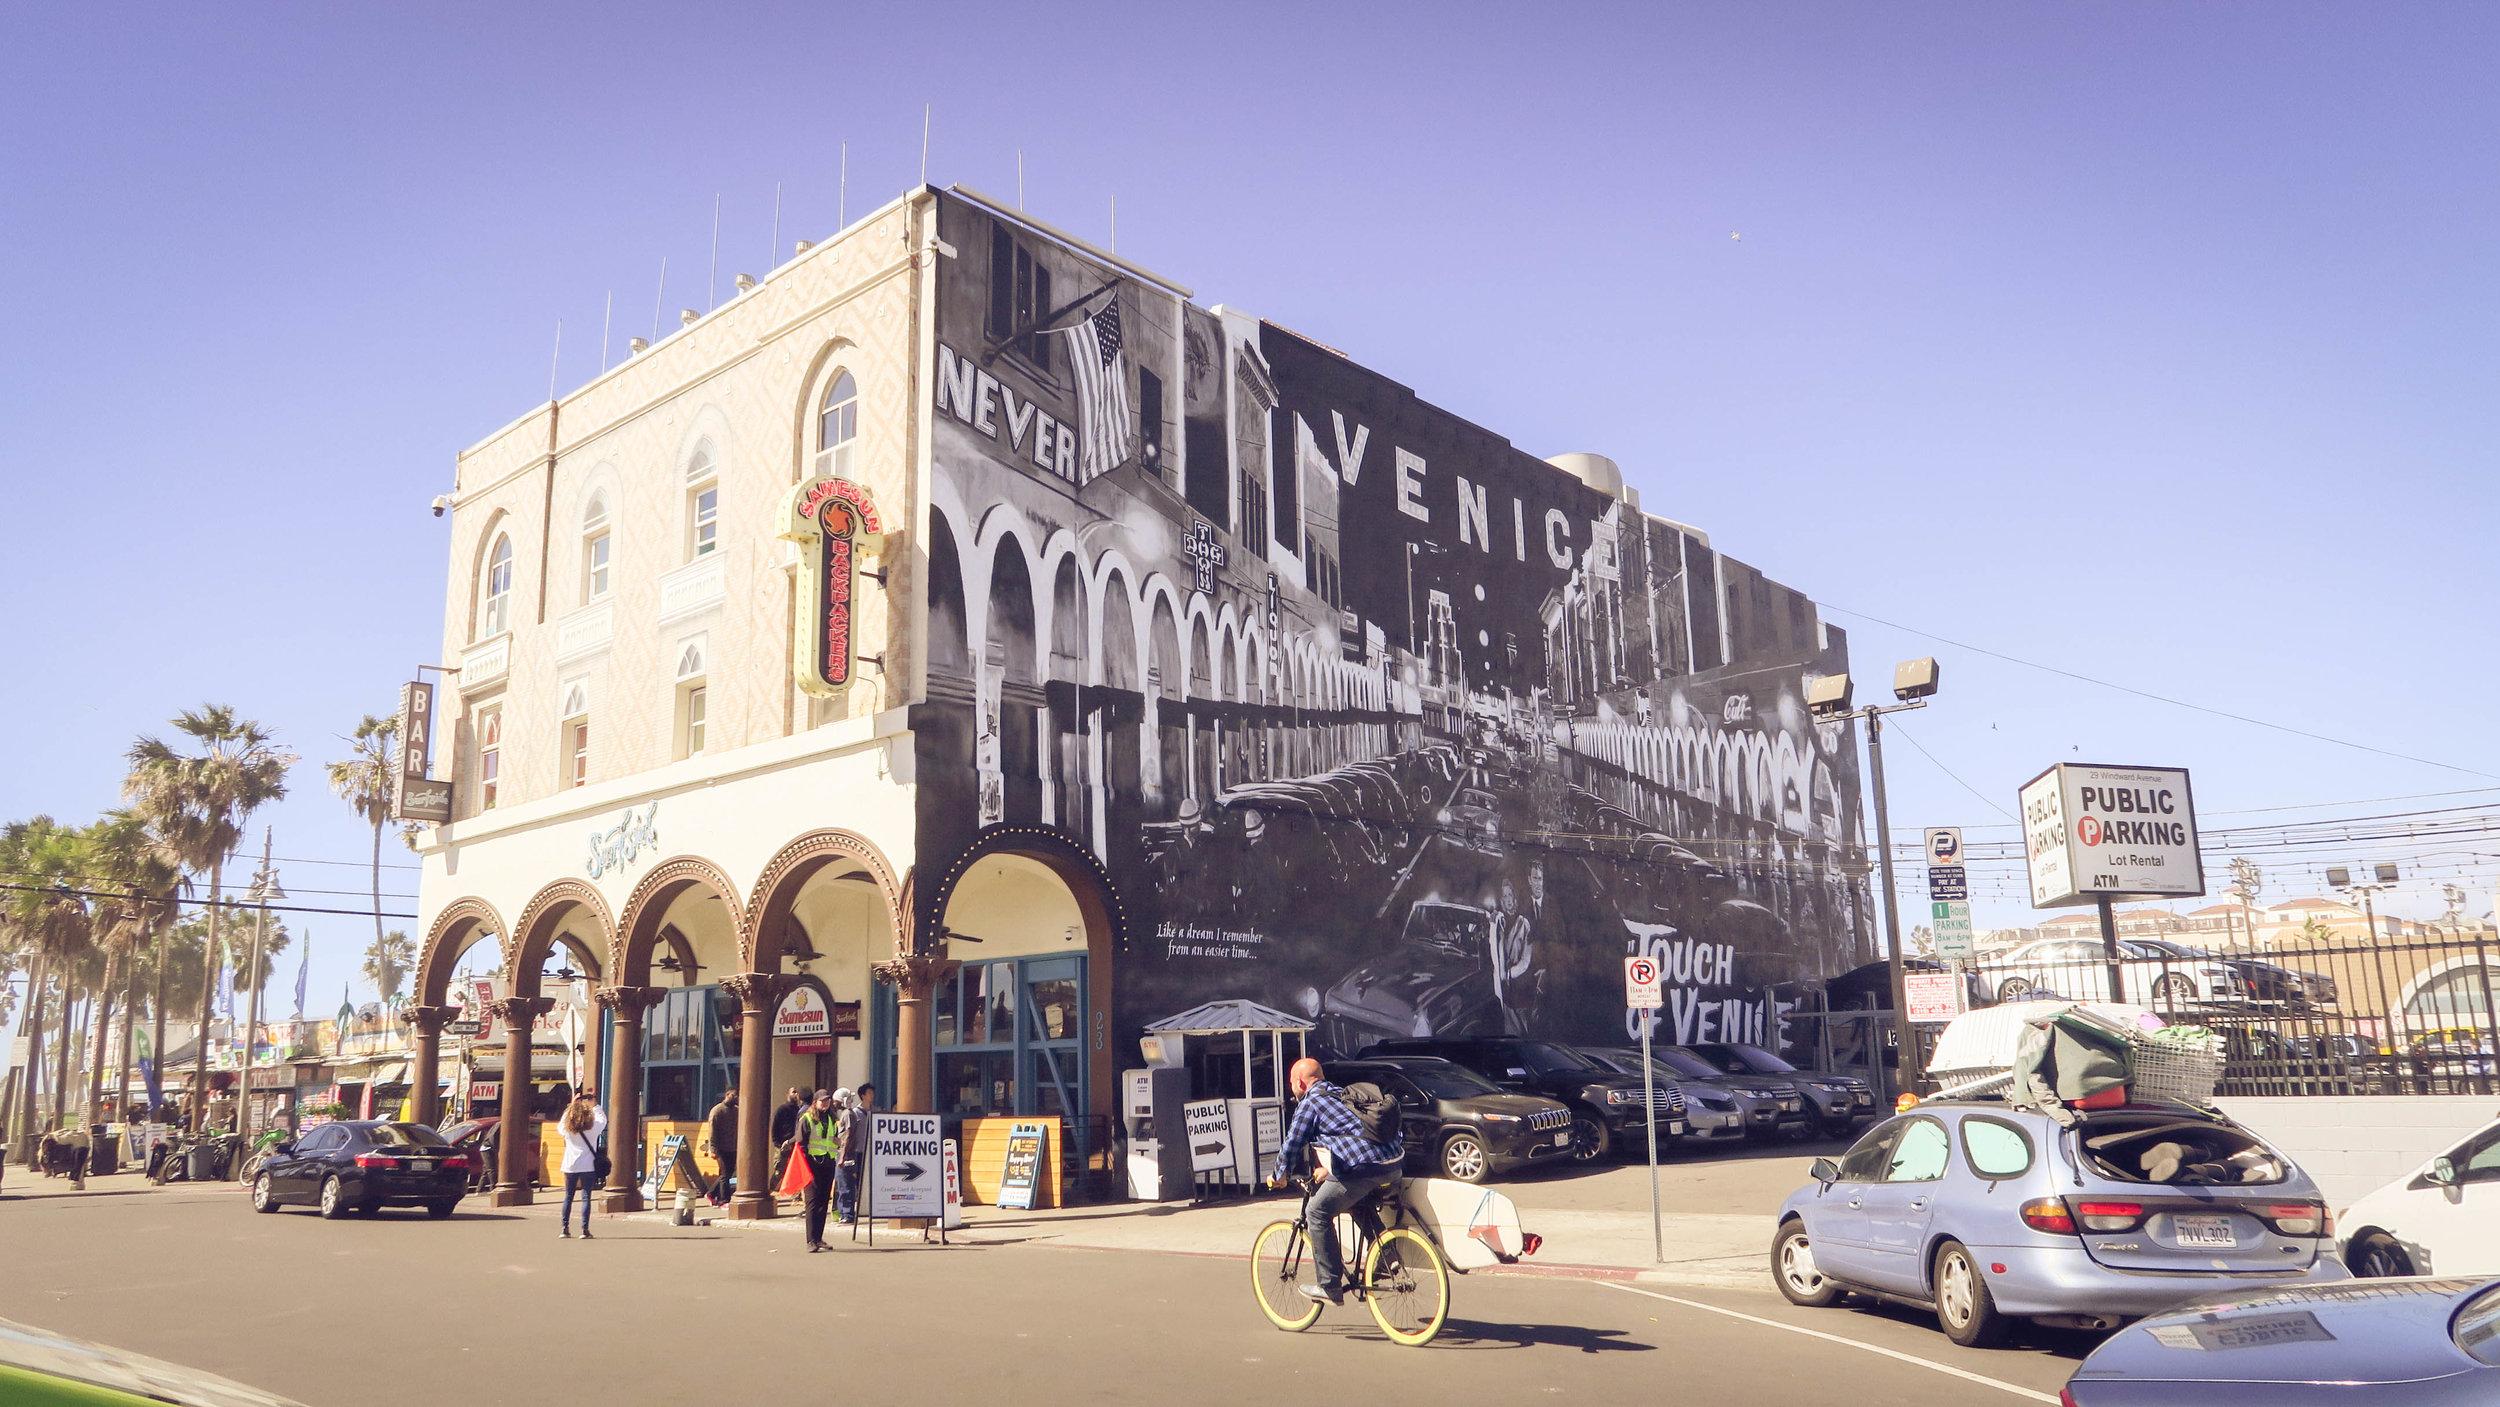 Beautiful Wall Mural in Venice Beach